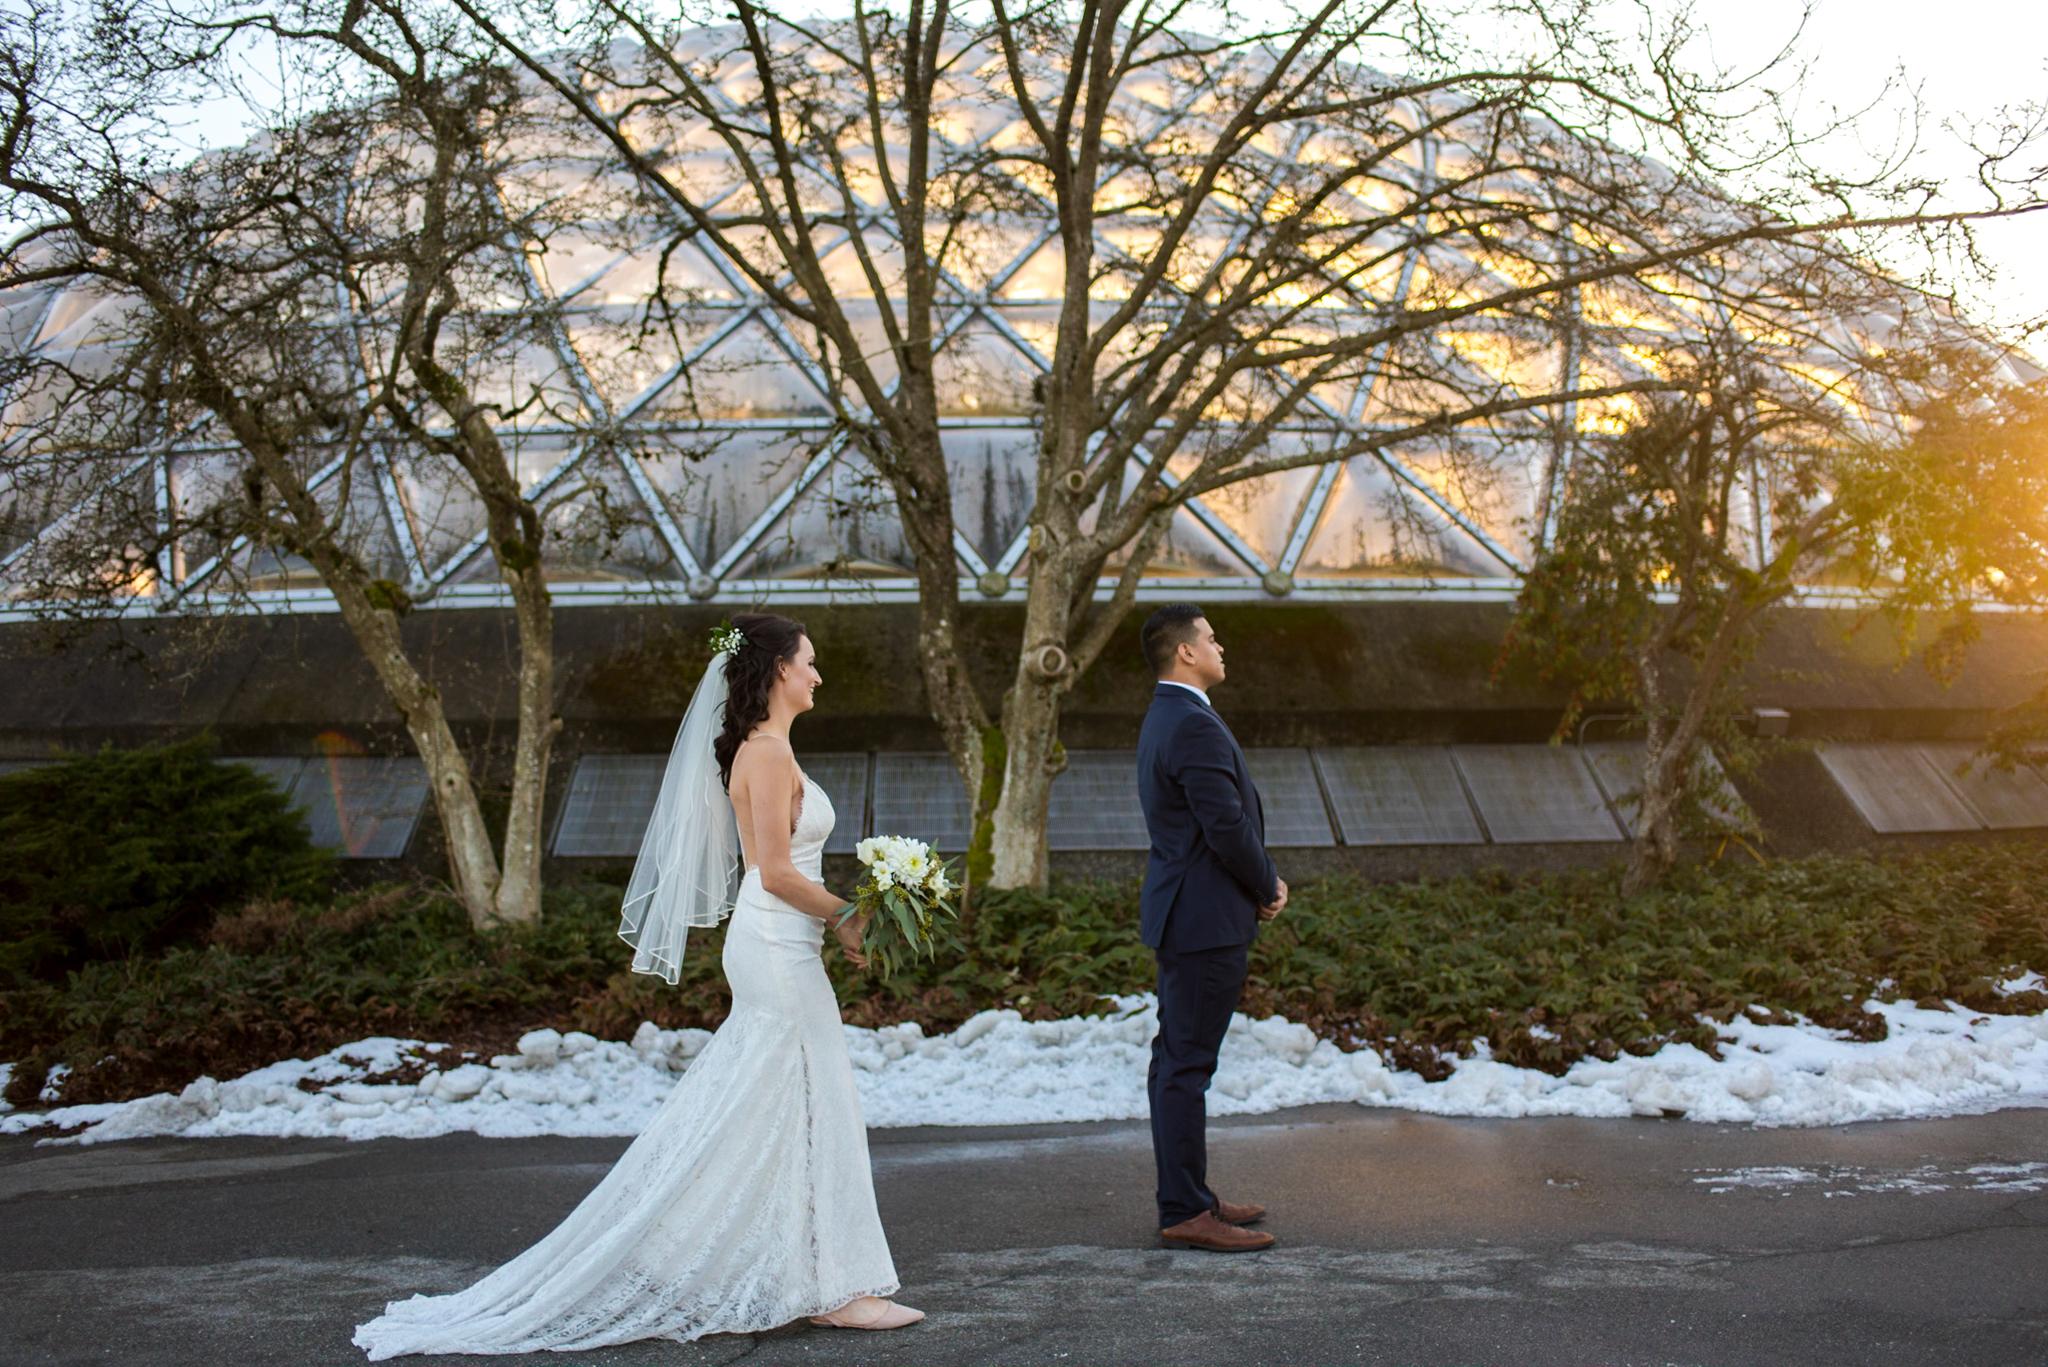 Queen Elizabeth Park Wedding Photographer-6.JPG